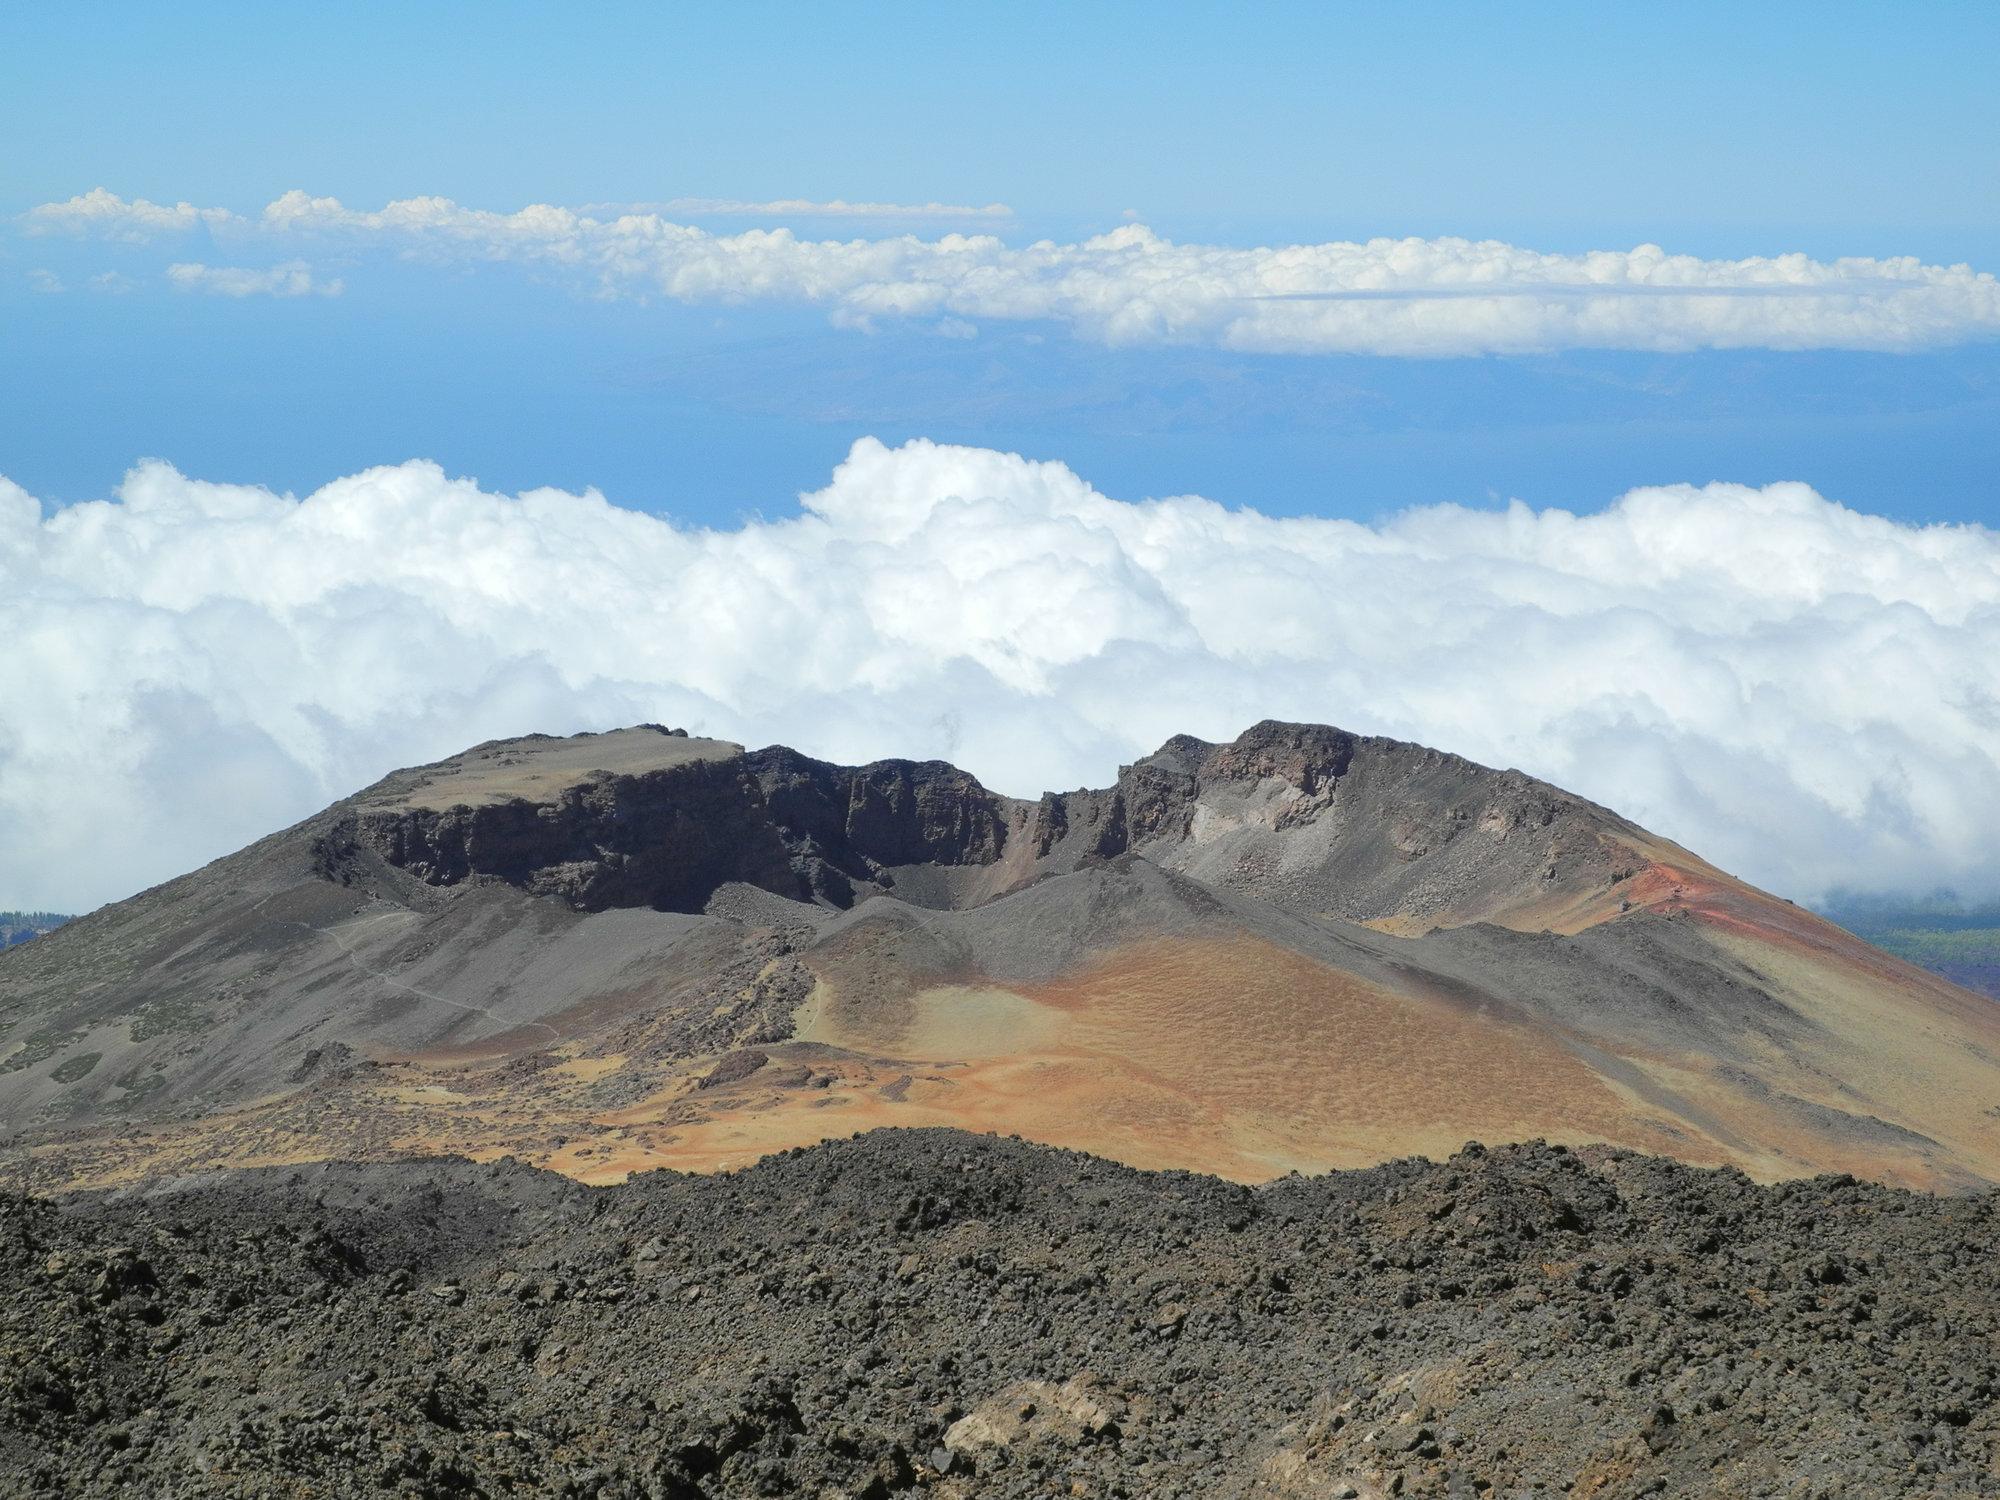 кратер вулкана Пико Вьехо